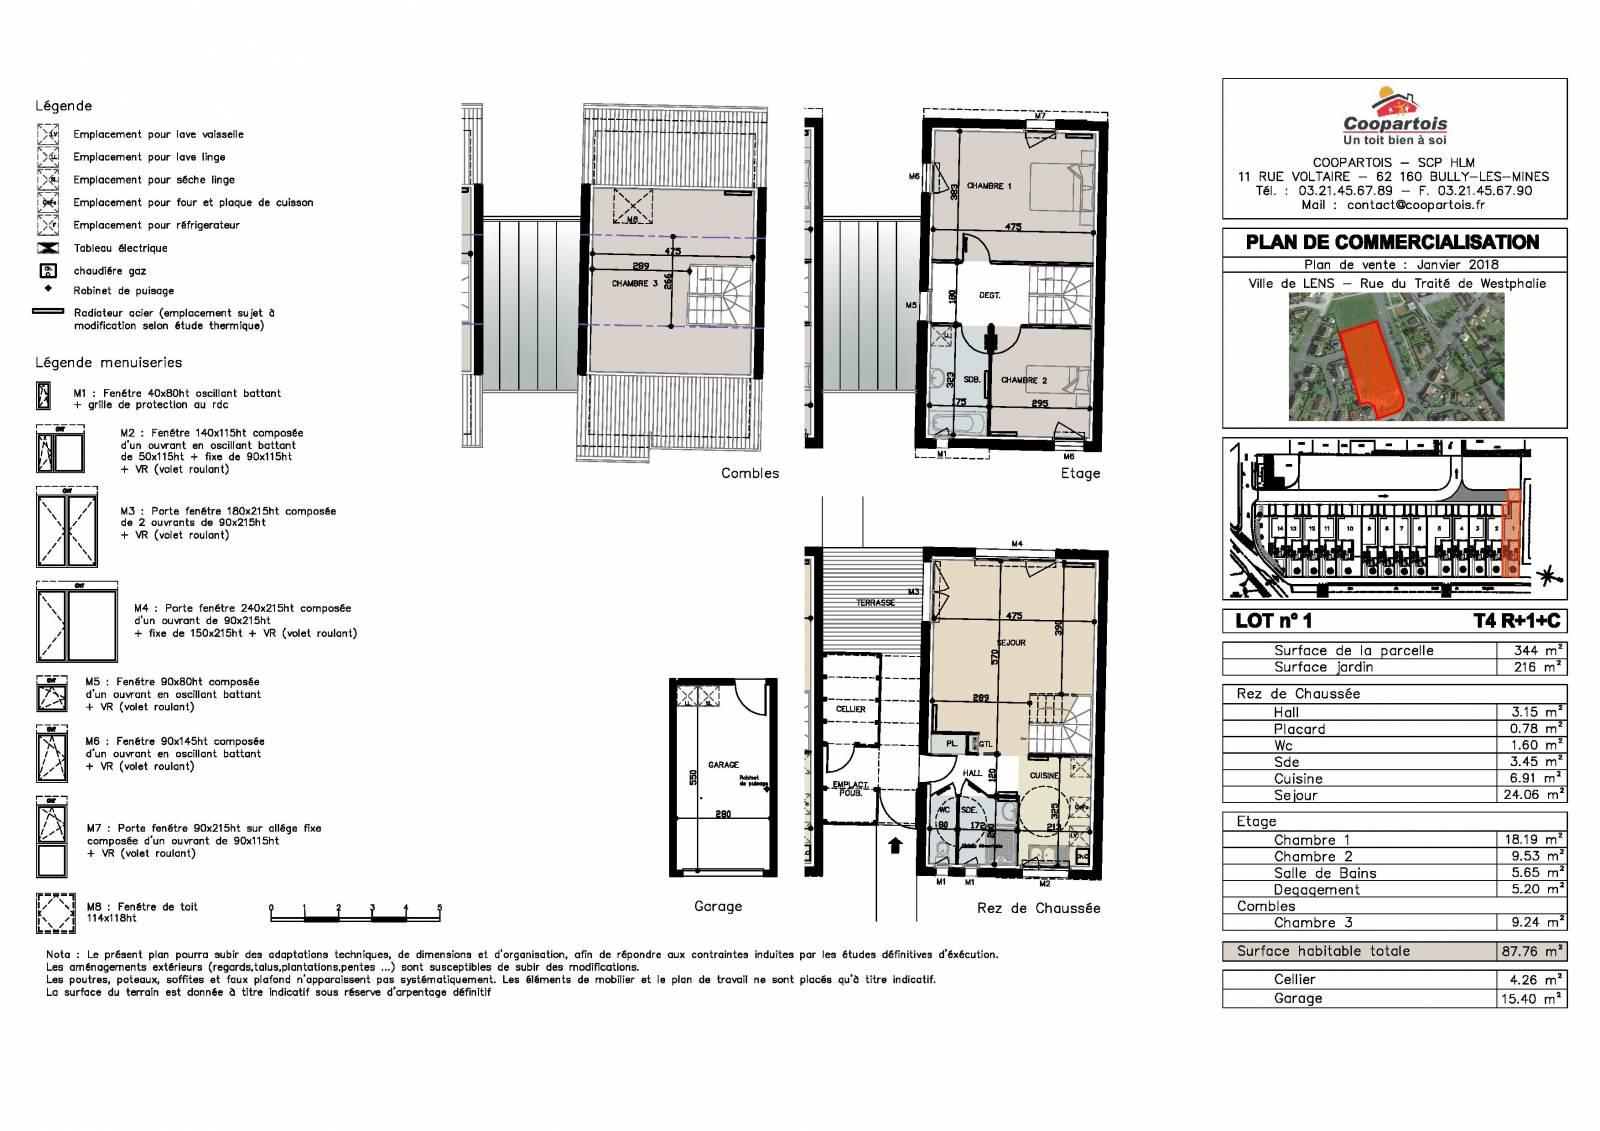 Maison neuve 3 chambres duplex n 2 coopartois for Plan duplex 3 chambres